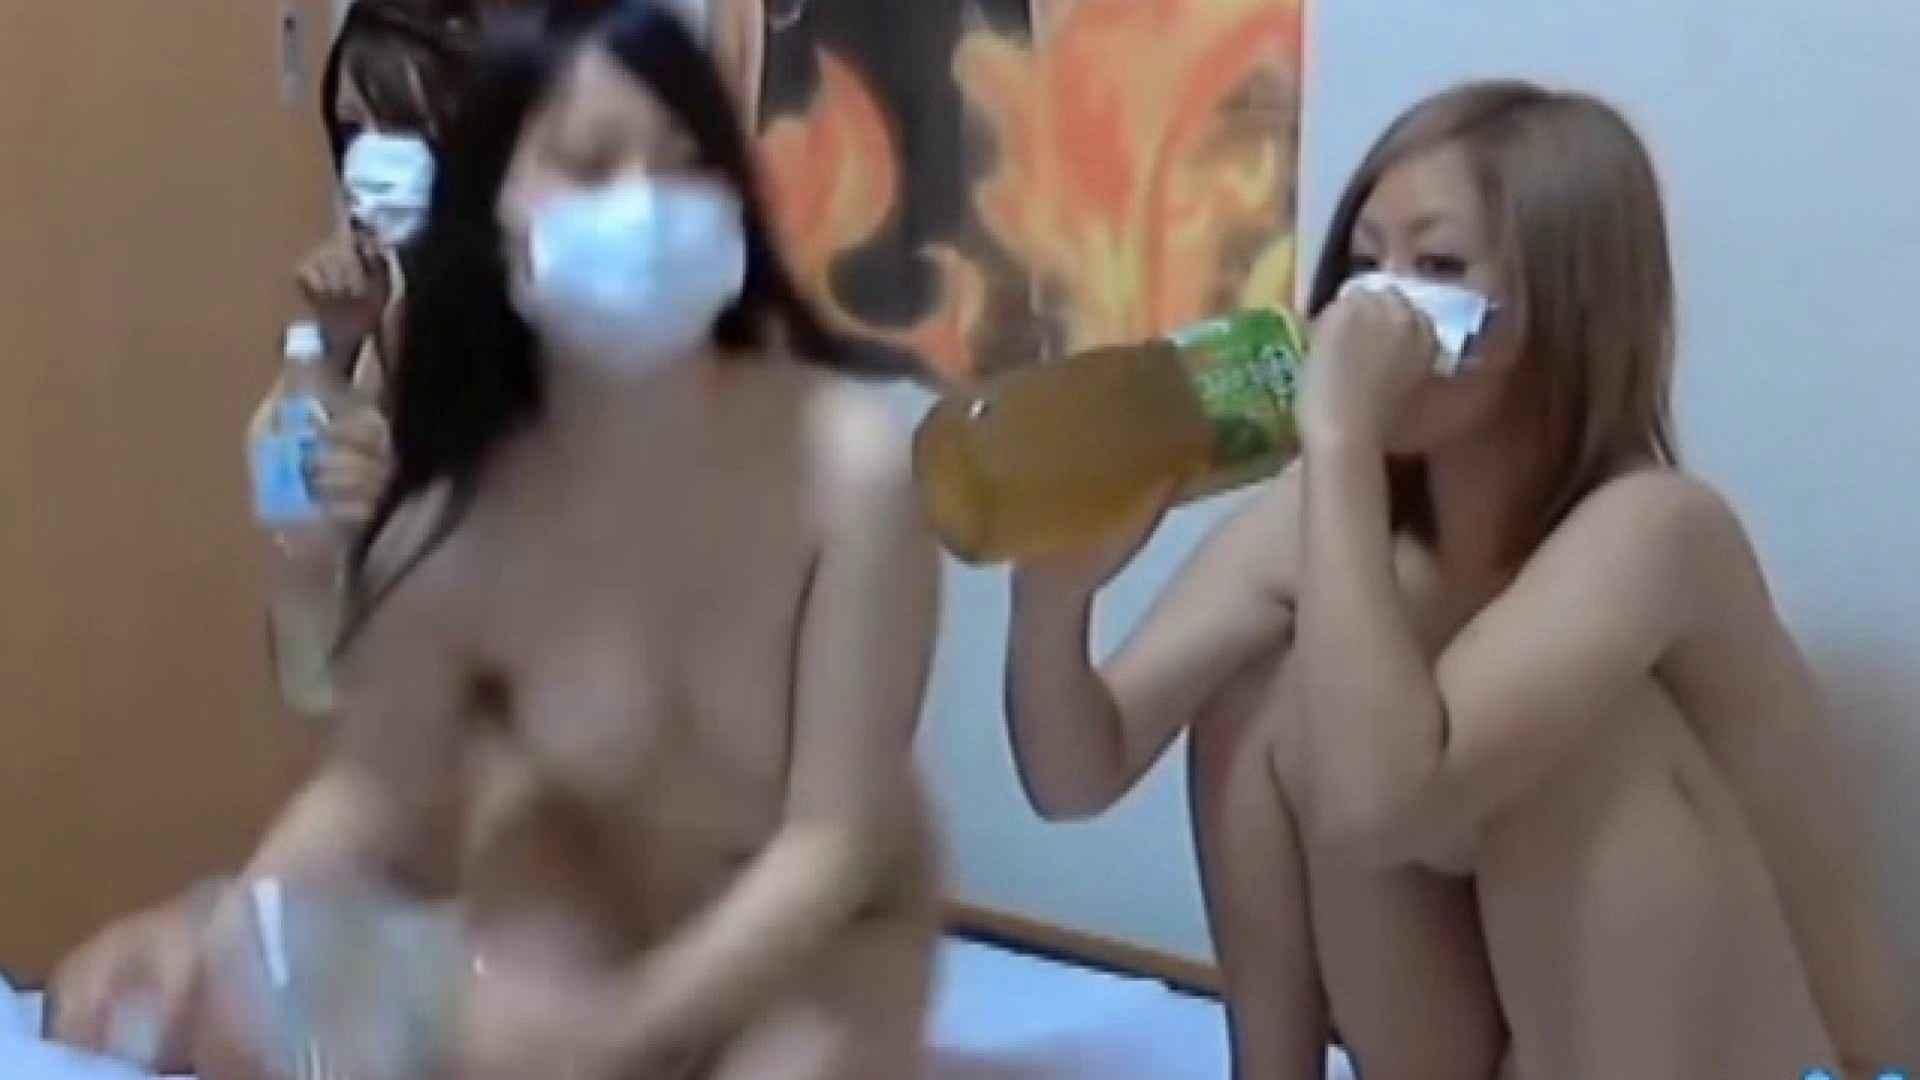 美女だらけの乱交パーティーvol.01前編 エッチすぎる美女 ワレメ動画紹介 13連発 2